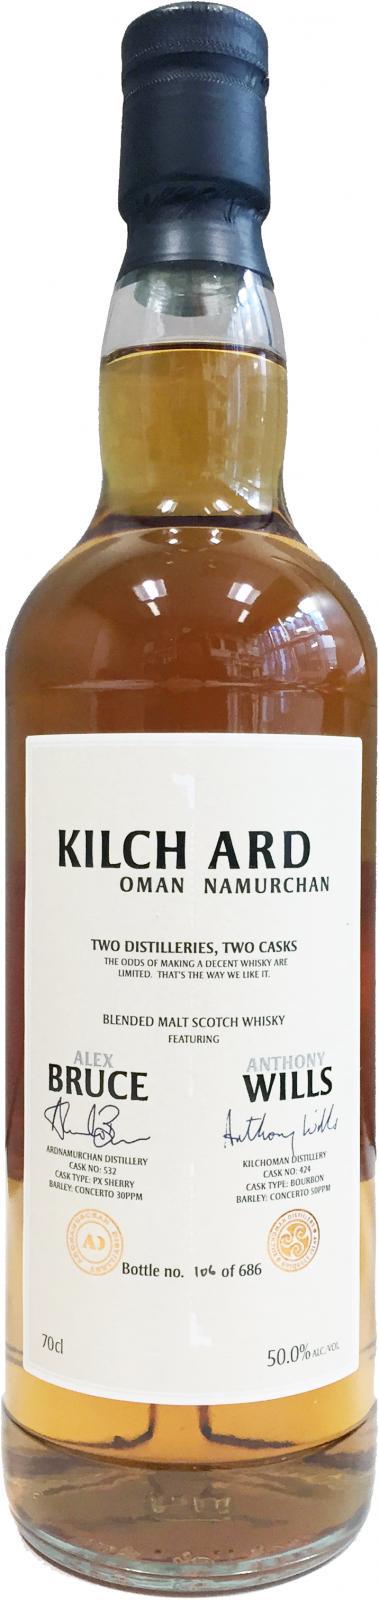 Kilch Ard 04-year-old